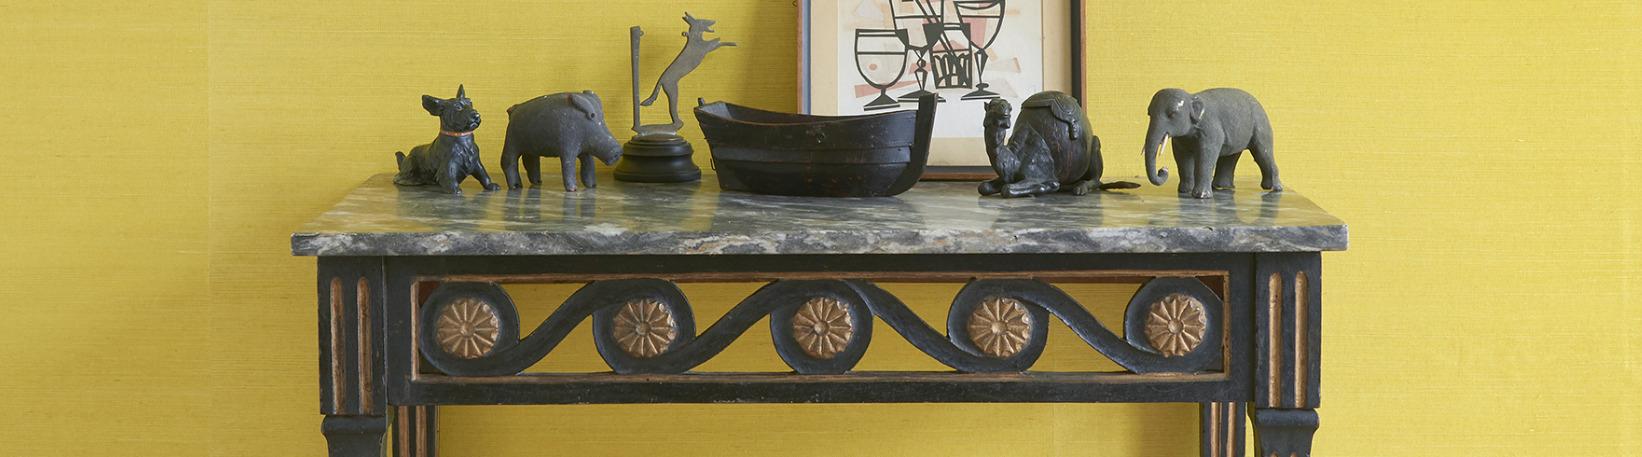 battersea decorative fair london